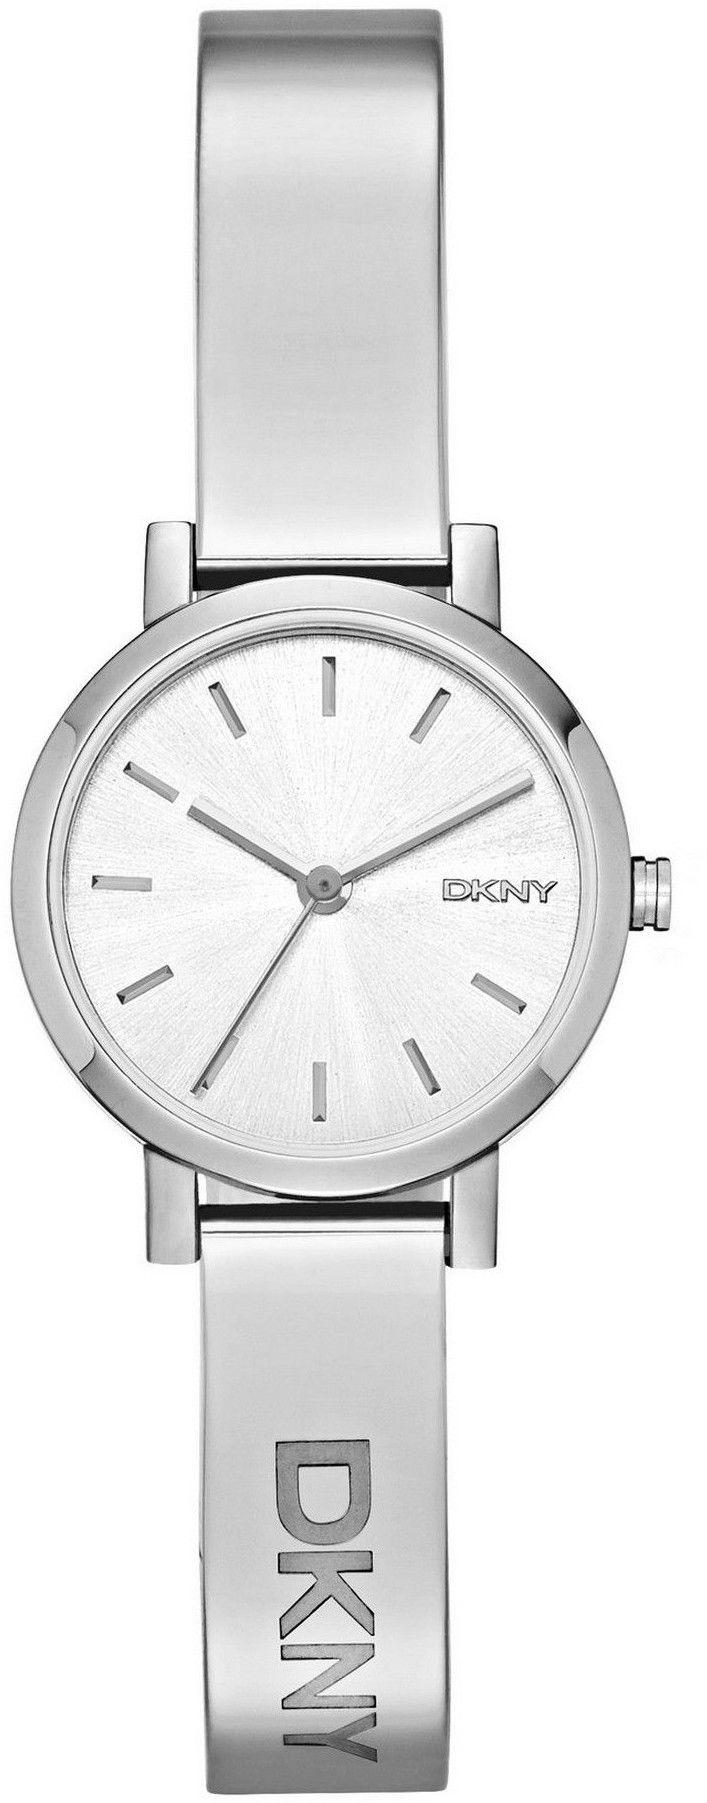 Zegarek DKNY NY2306 SOHO - CENA DO NEGOCJACJI - DOSTAWA DHL GRATIS, KUPUJ BEZ RYZYKA - 100 dni na zwrot, możliwość wygrawerowania dowolnego tekstu.